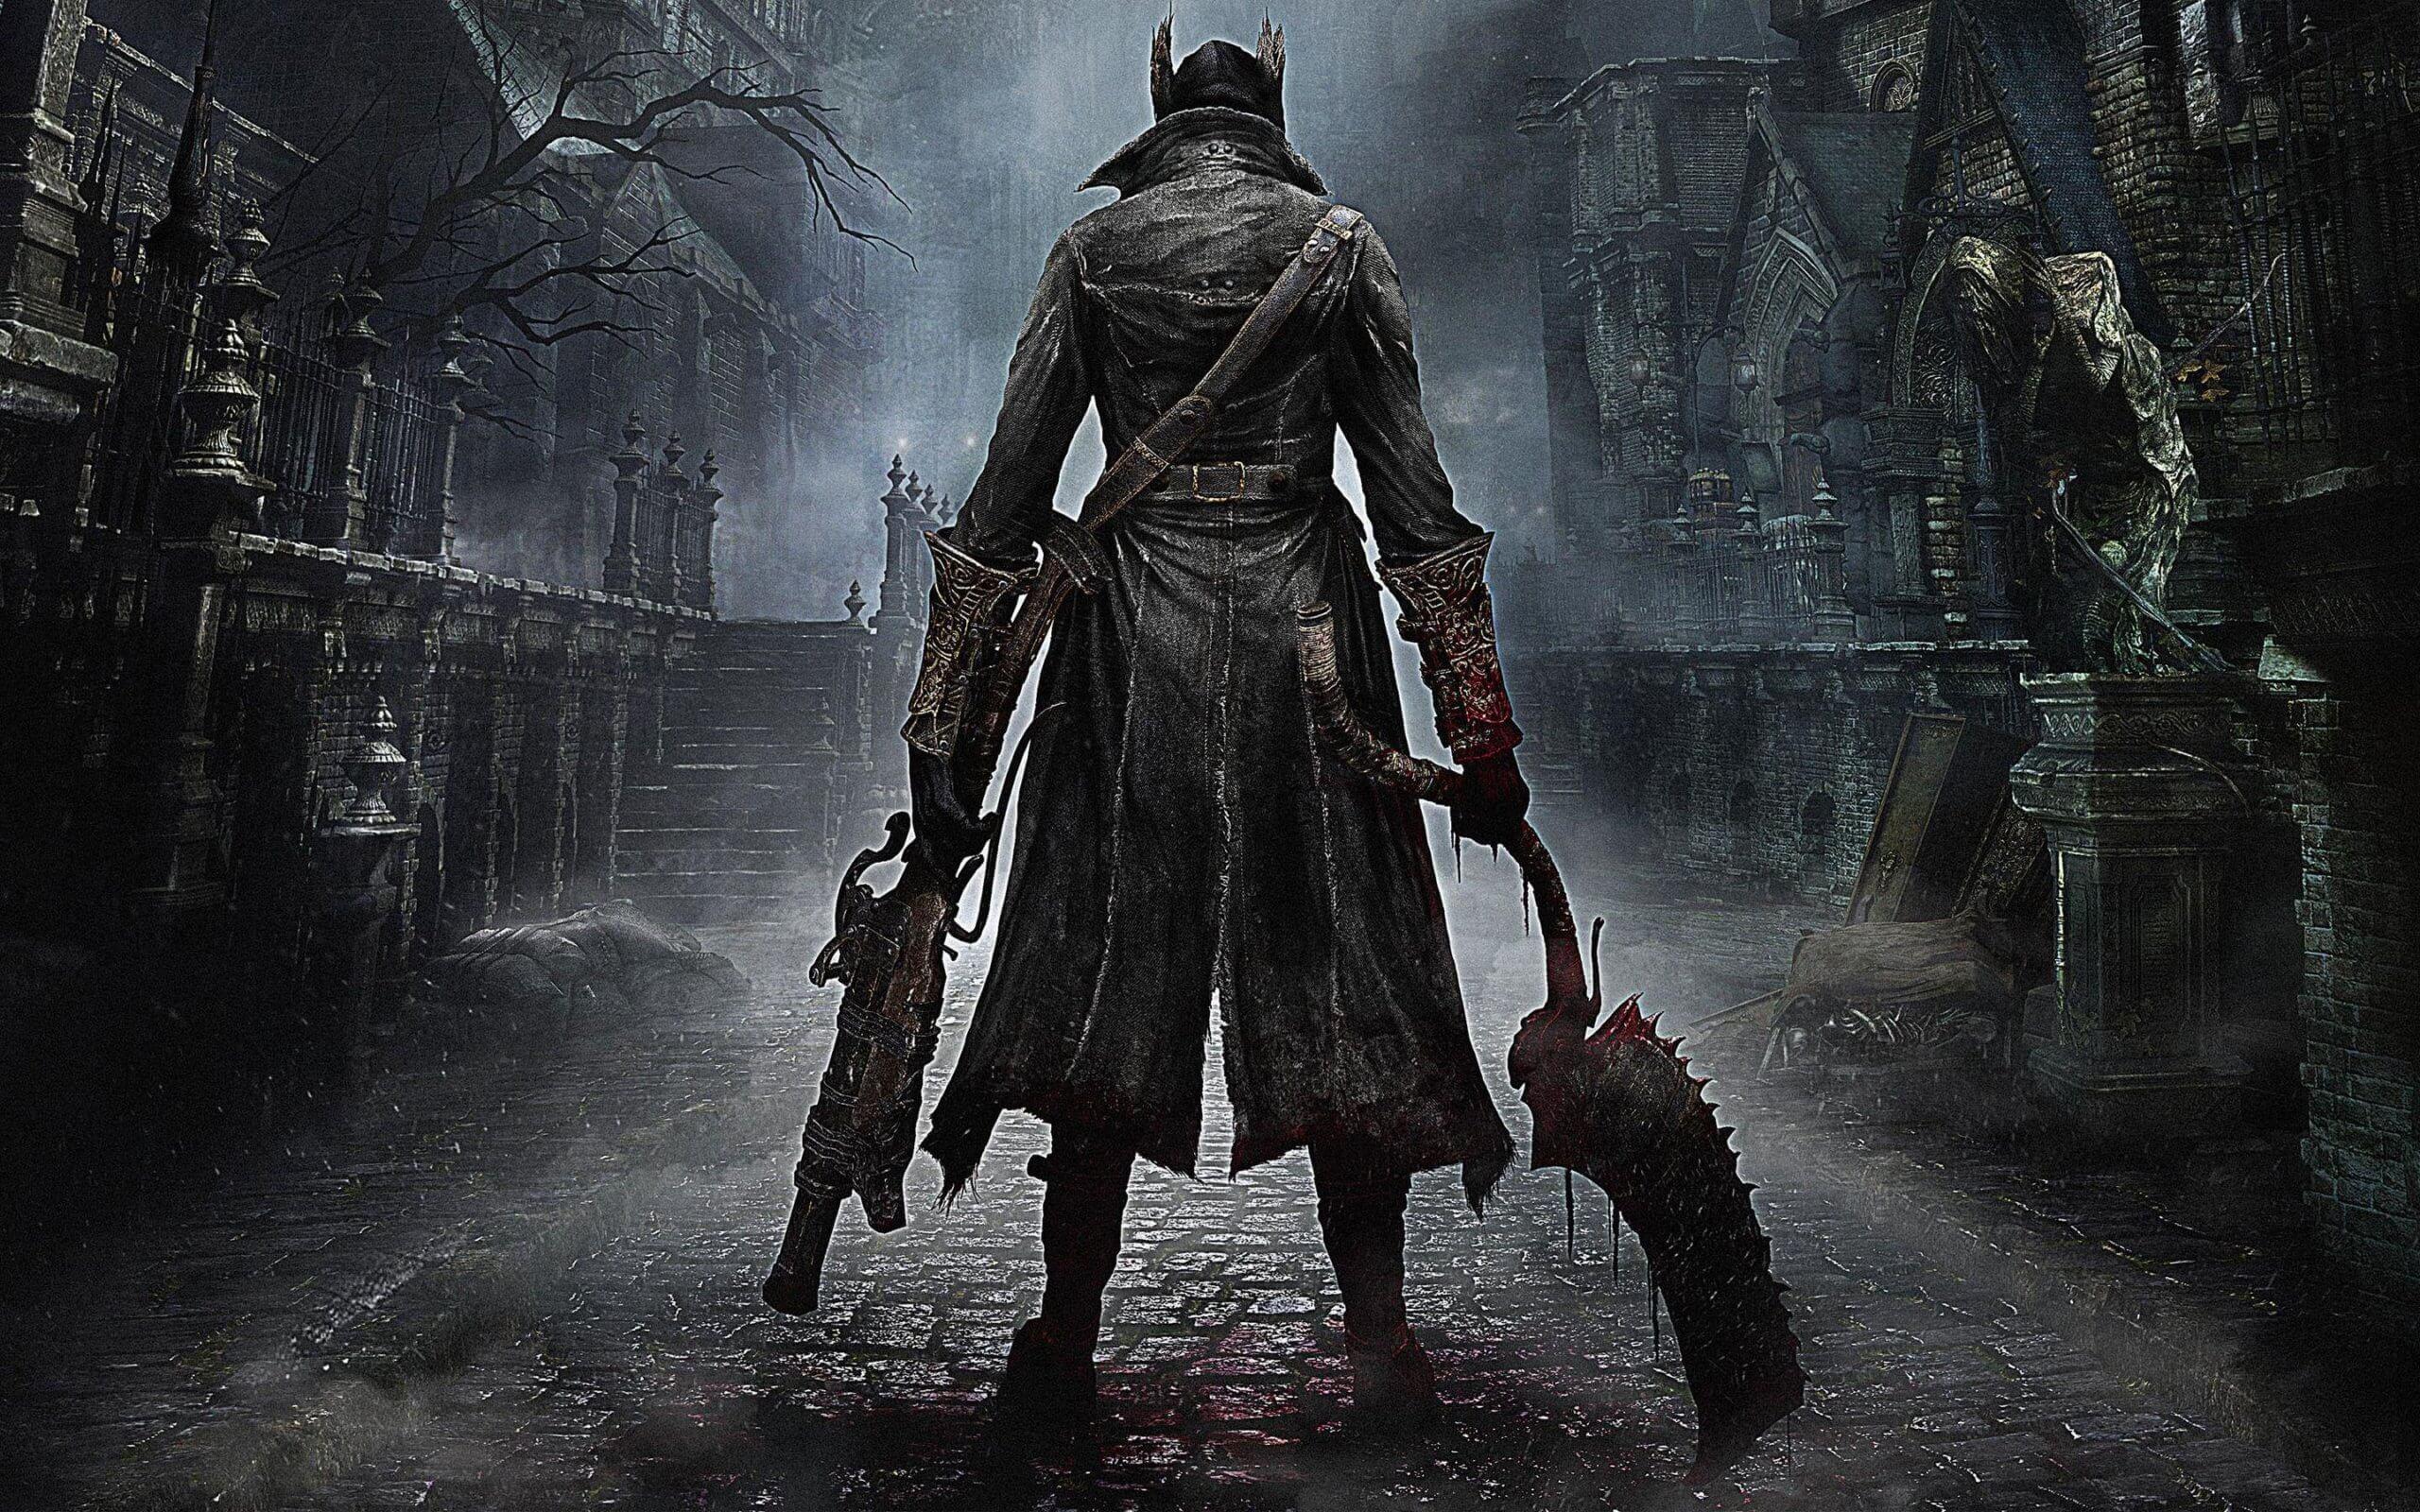 Bluepoint Games estaría trabajando en un nuevo juego de Bloodborne, según rumores